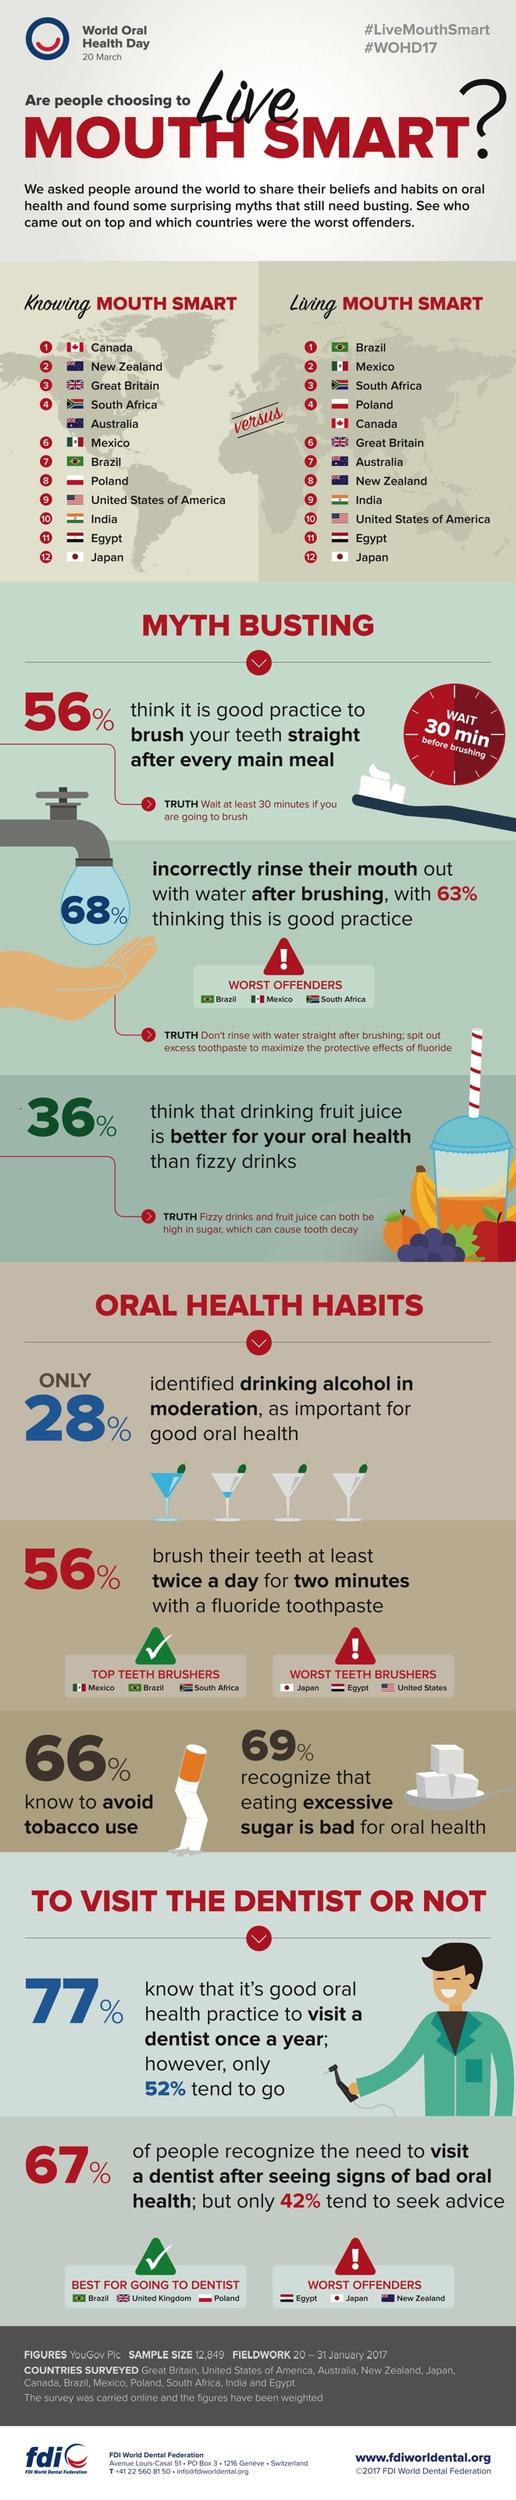 Vérité ou mythe? Une enquête mondiale réalisée pour la Journée mondiale de la santé bucco-dentaire expose la vérité sur nos habitudes bucco-dentaires